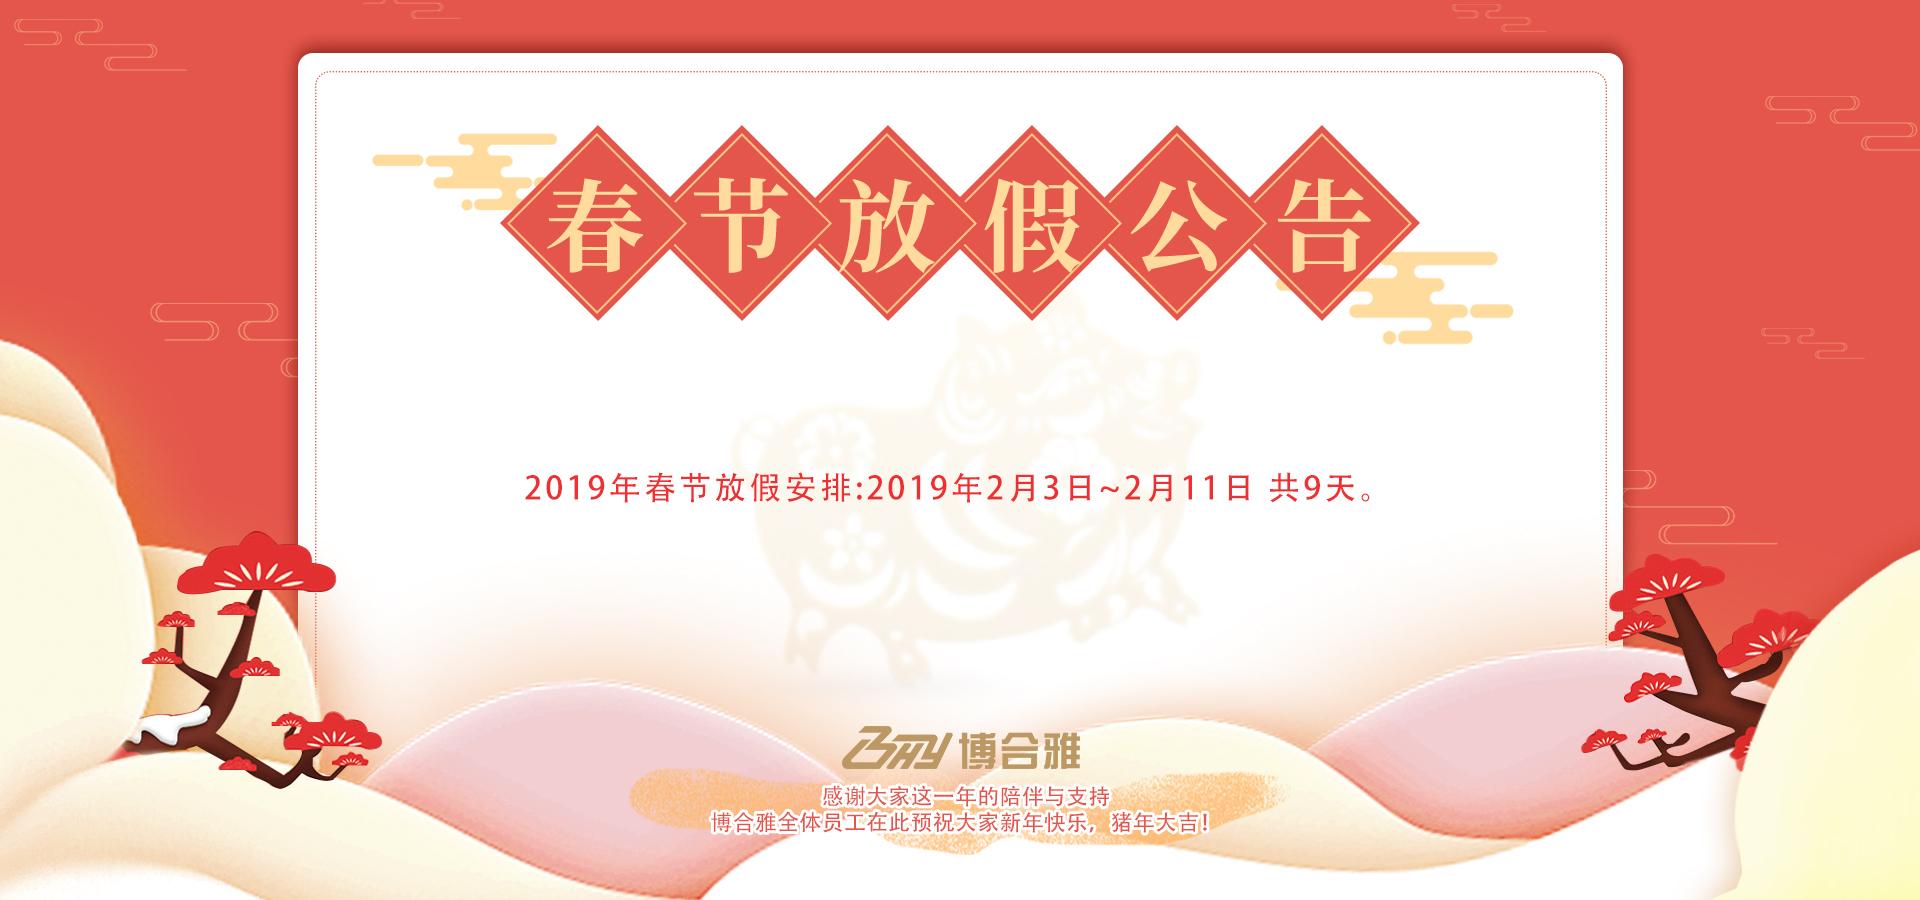 春节放假通知banner.jpg